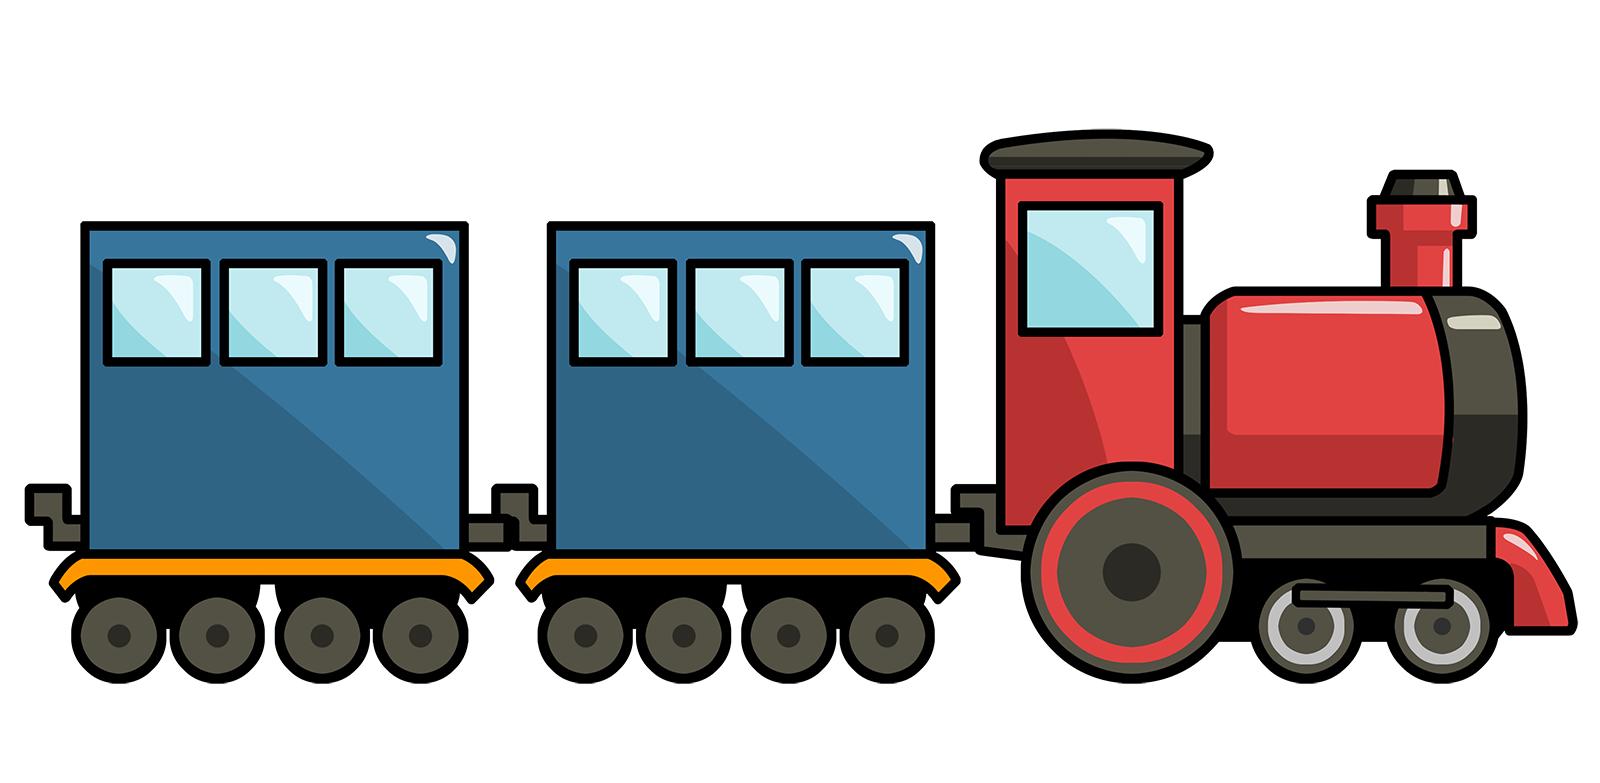 Train Clipart & Train Clip Art Images.